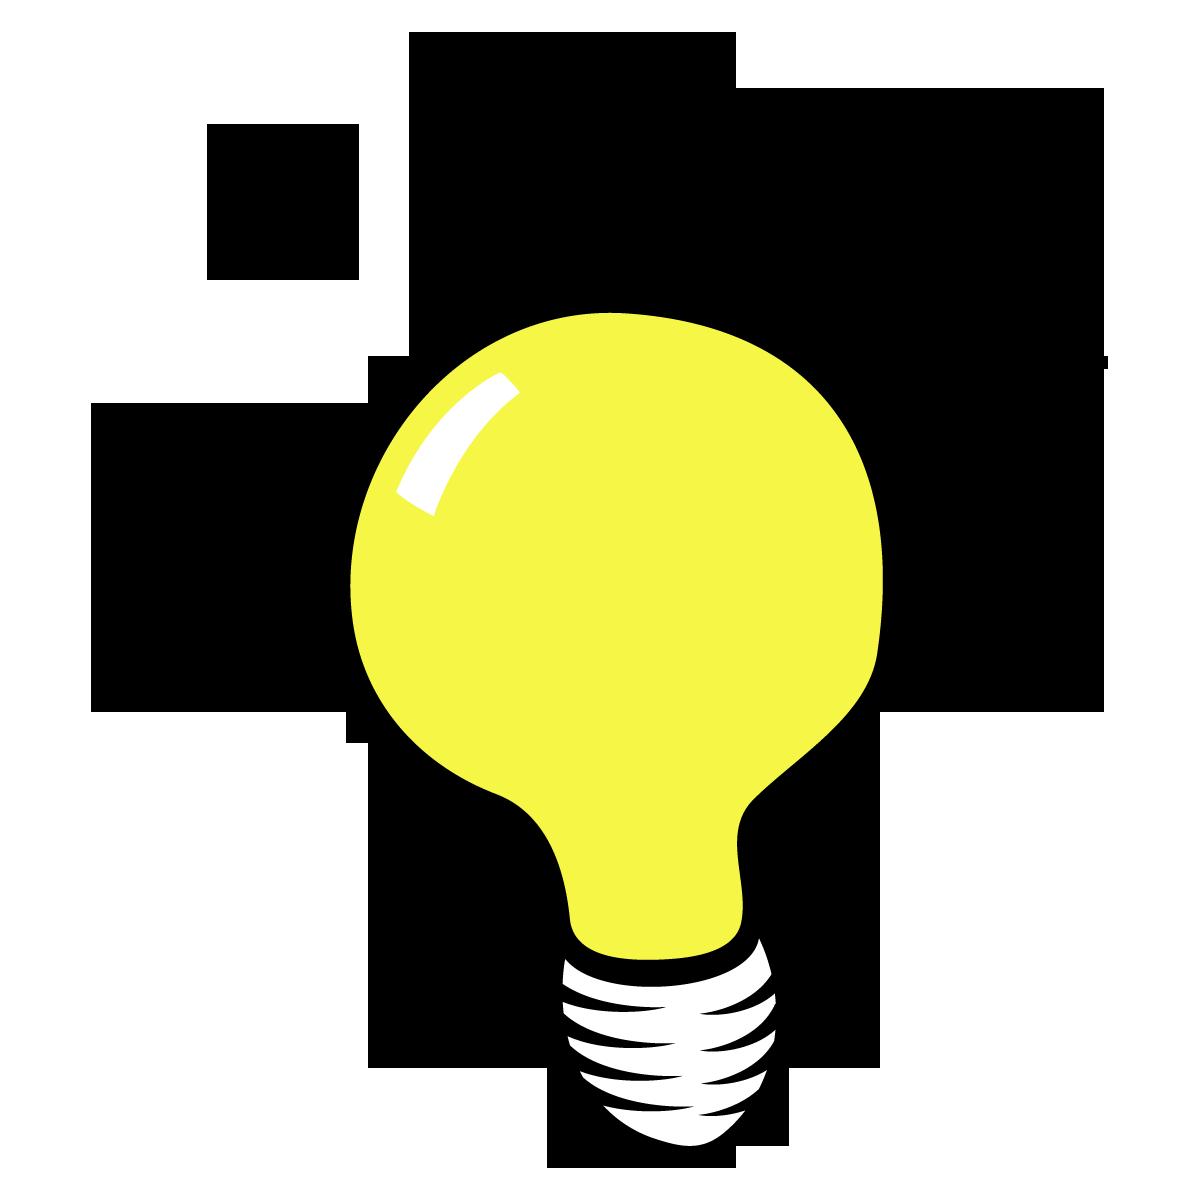 Lightbulb Clipart Black And White | Free download best Lightbulb ... for Black Light Bulb Clip Art  166kxo